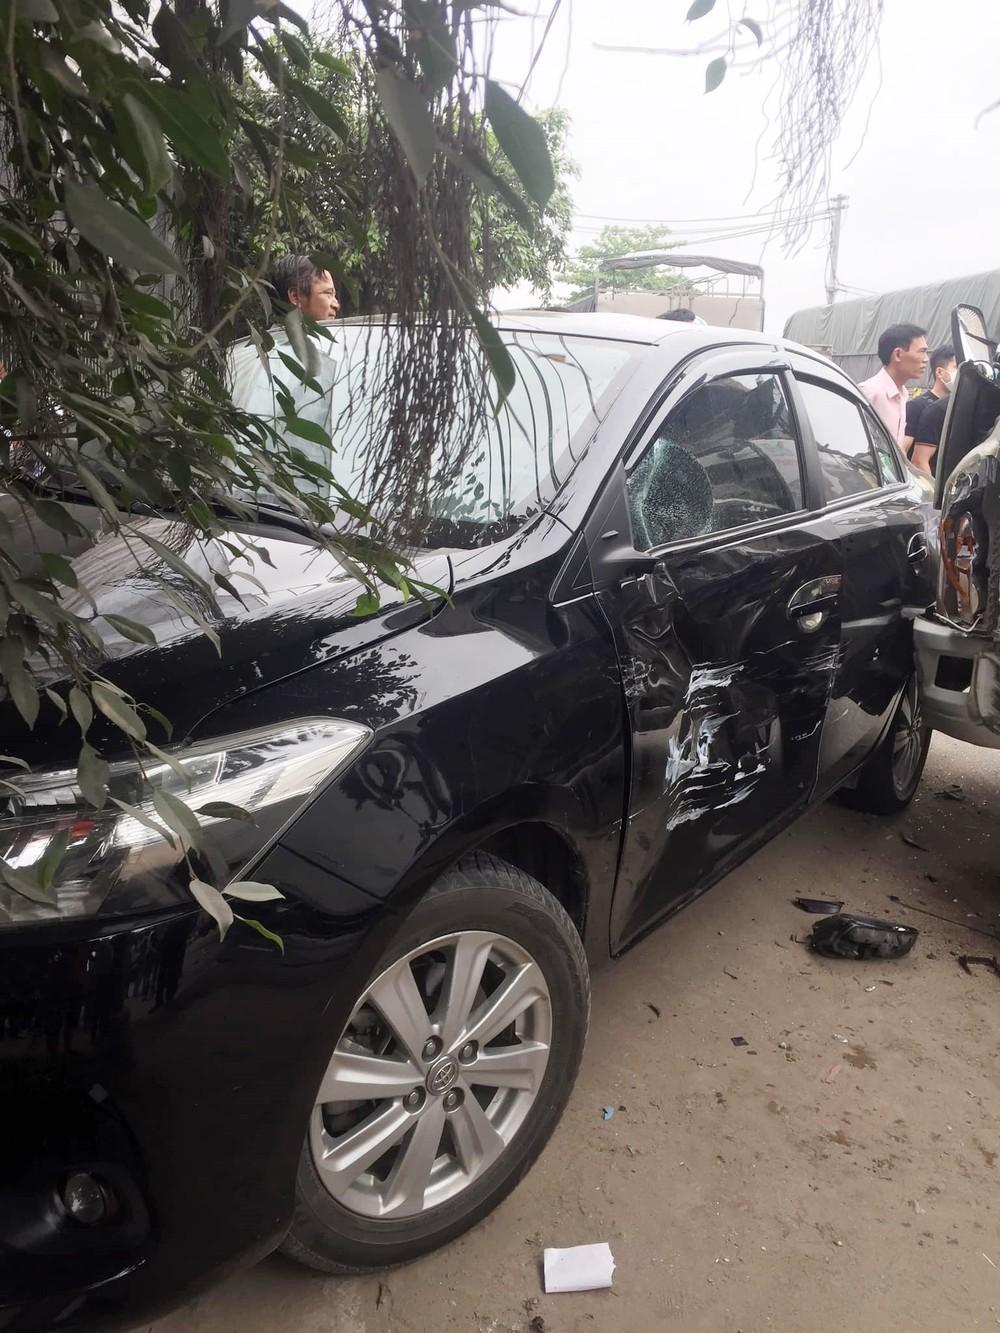 Chiếc xe Toyota Vios móp và xước cửa tài xế, gương chiếu hậu gãy và cửa kính vỡ